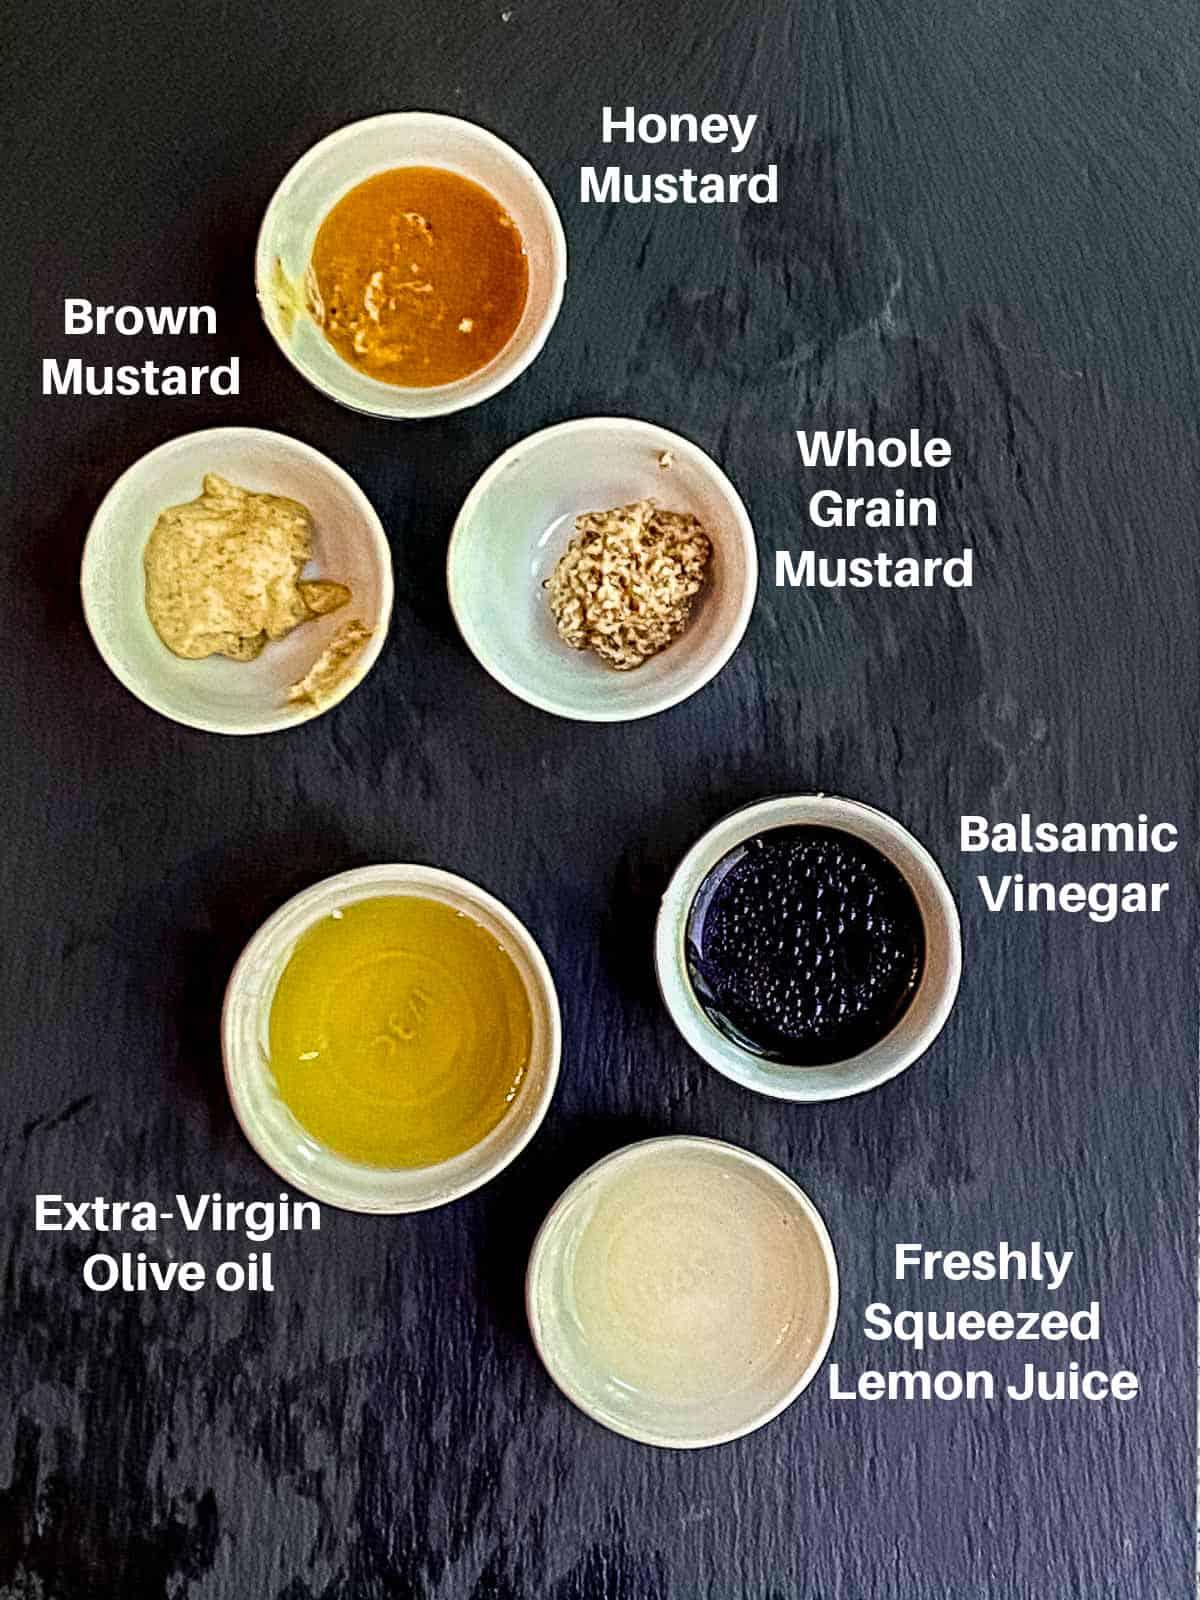 ingredients for balsamic dressing labeled: honey mustard, brown mustard, honey mustard, balsamic vinegar, olive oil, lemon juice